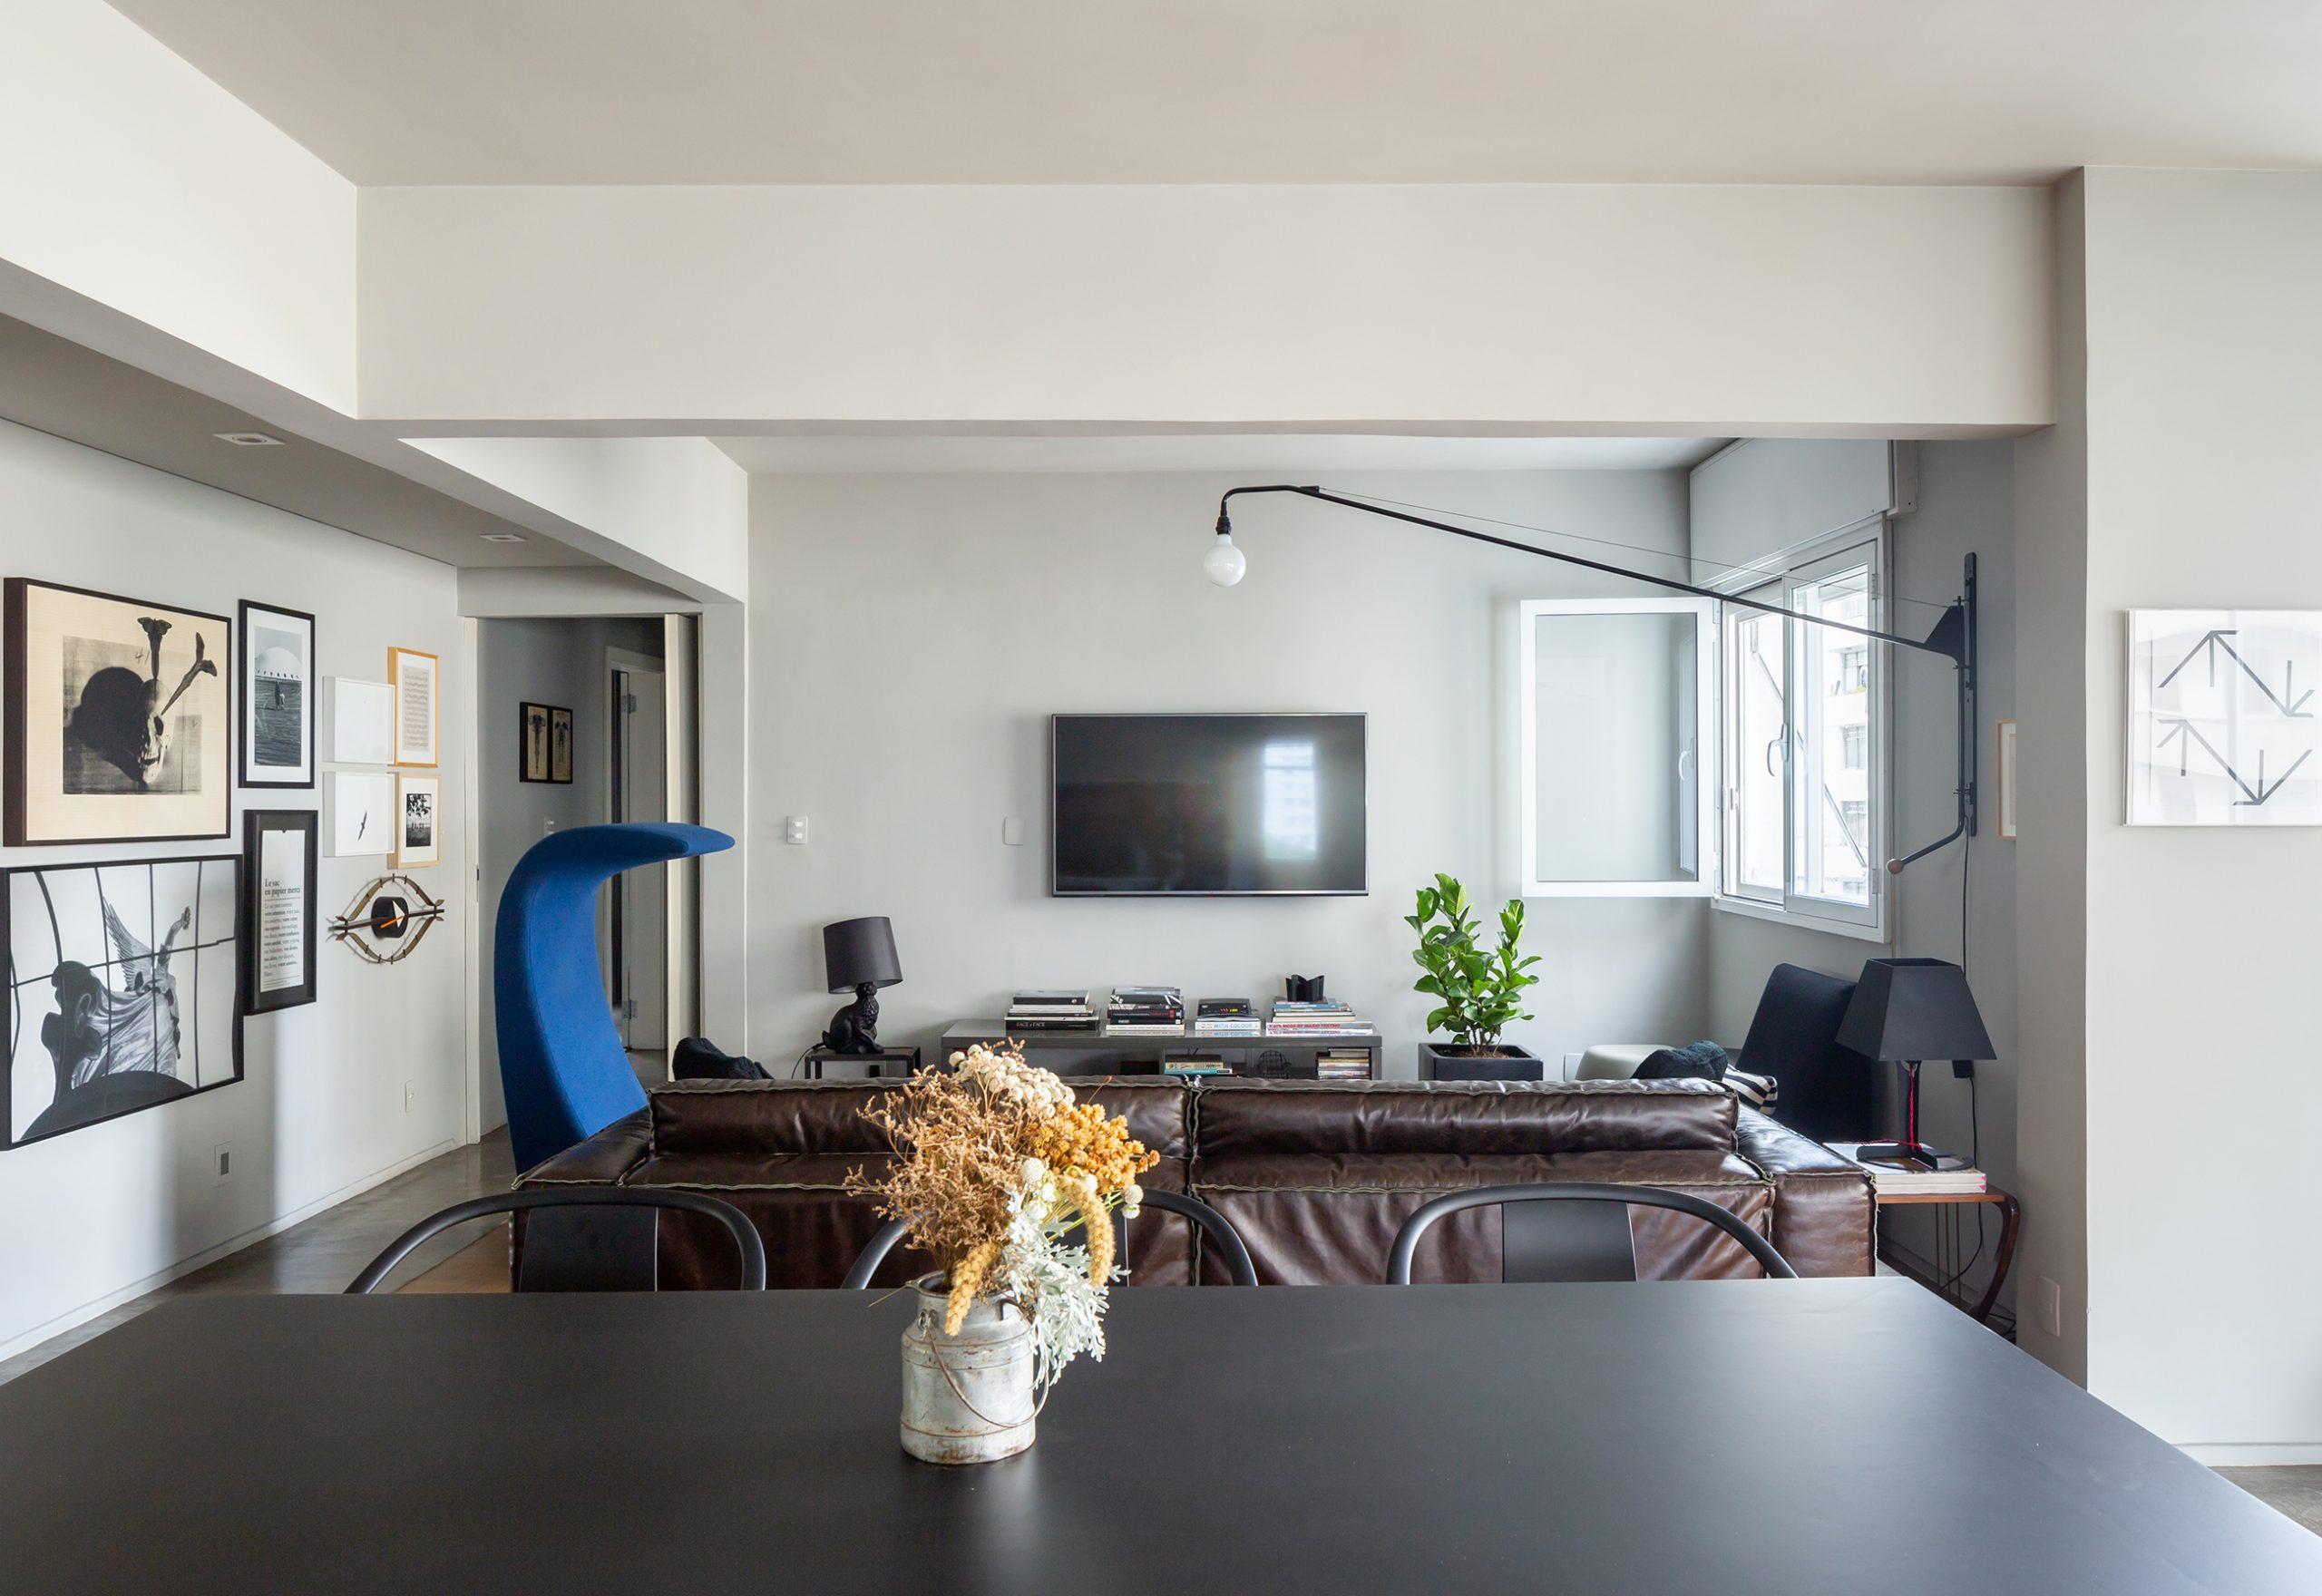 decoração sala com coluna de concreto e poltrona azul